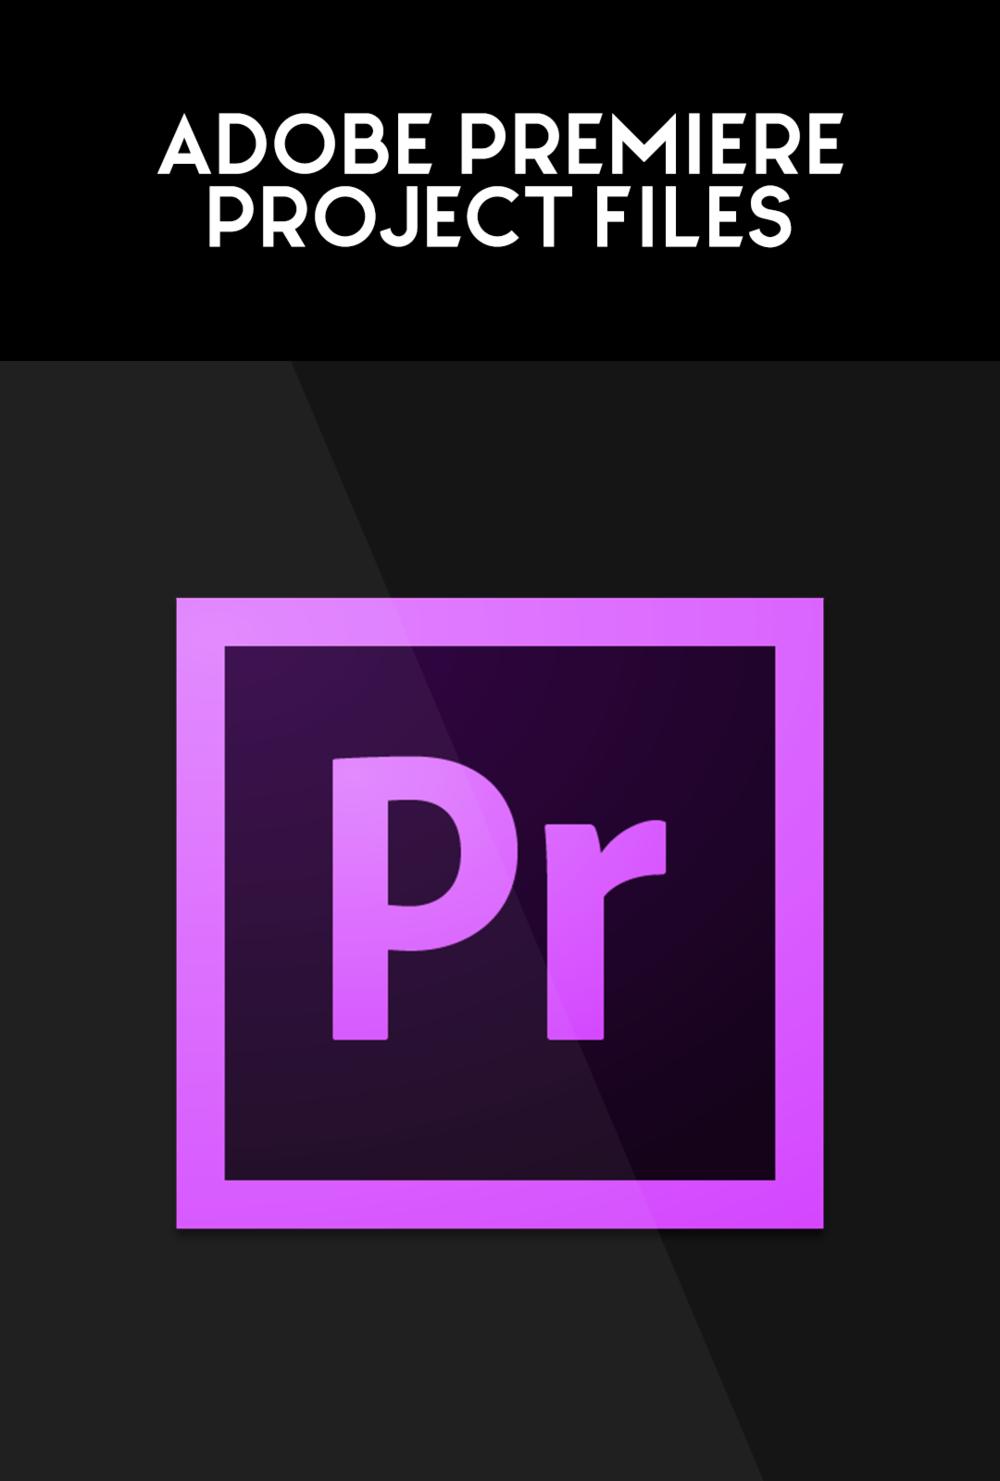 Adobe Premiere.png